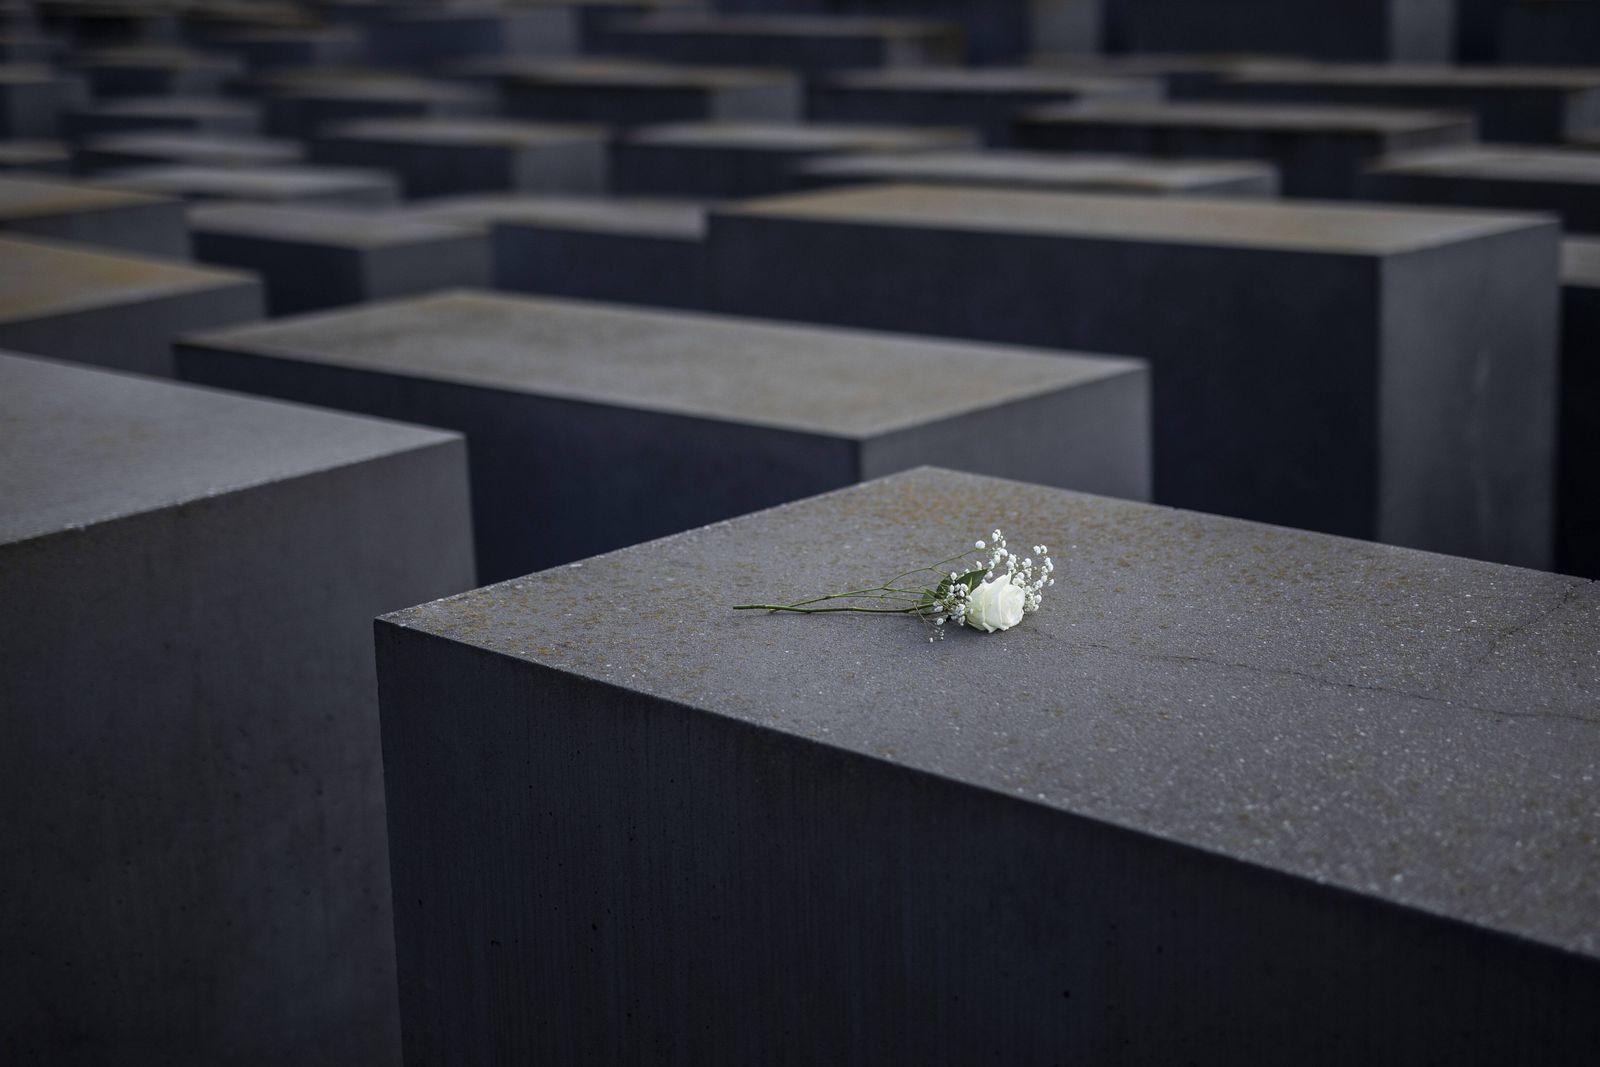 Blumen auf dem Holocaust-Mahnmal in Berlin, 27.01.2021. Heute jaehrt sich die Befreiung des Konzetrationslagers Auschwi